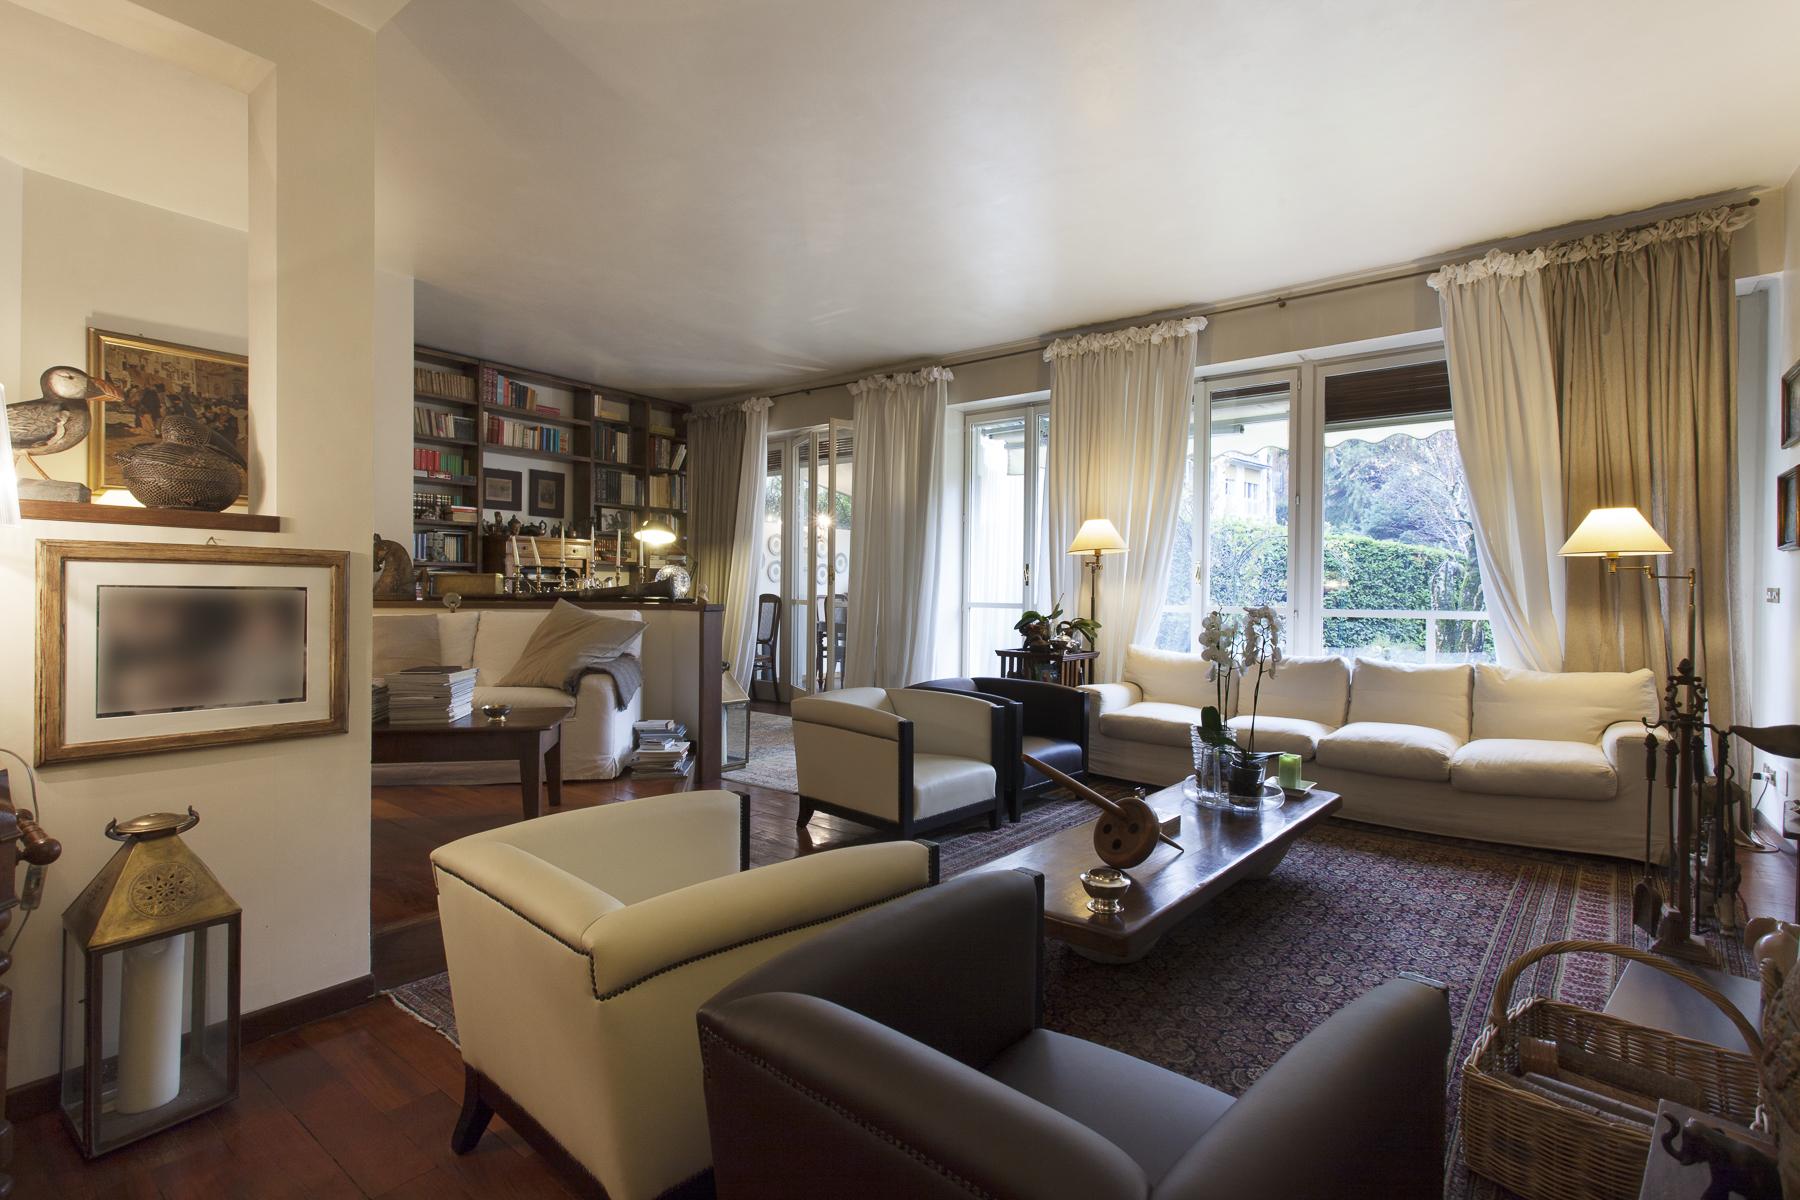 Villa in Vendita a Torino: 5 locali, 280 mq - Foto 3